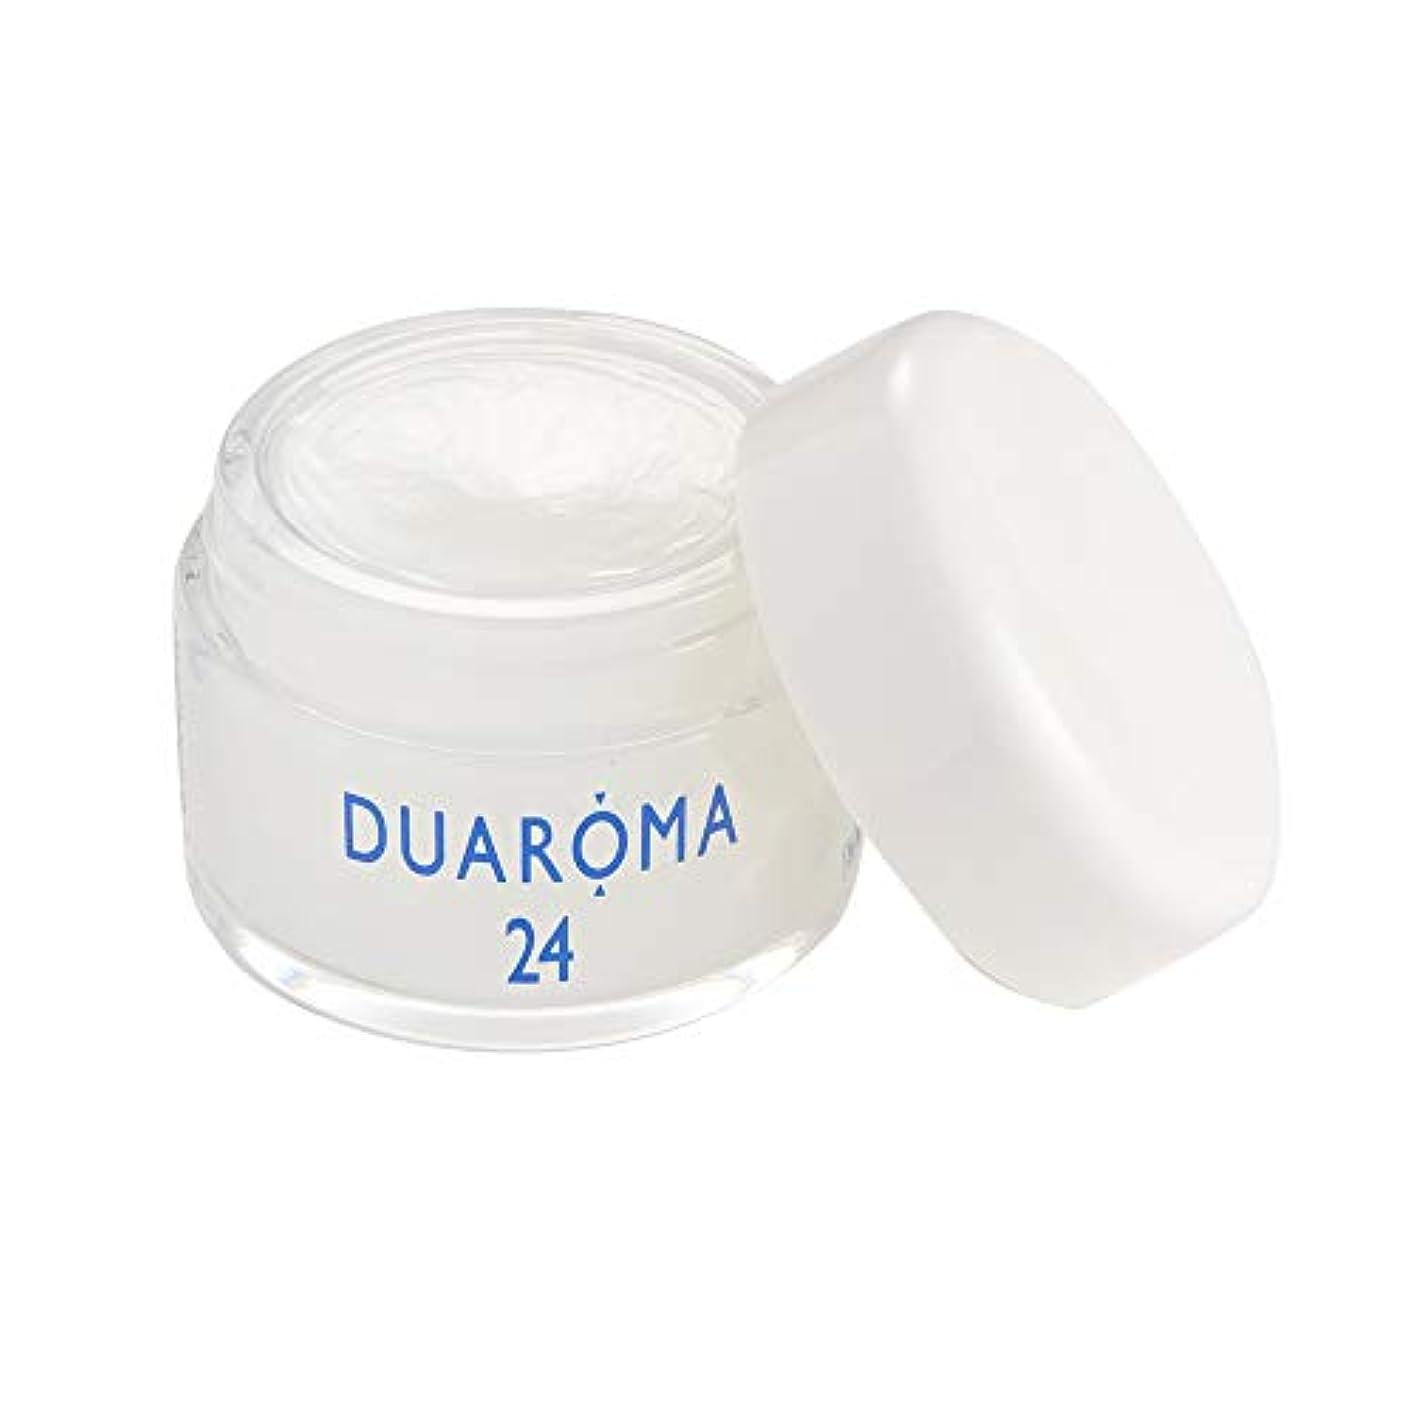 養うポンド心臓デュアロマ24 薬用ハーブクリーム 40g (1個)